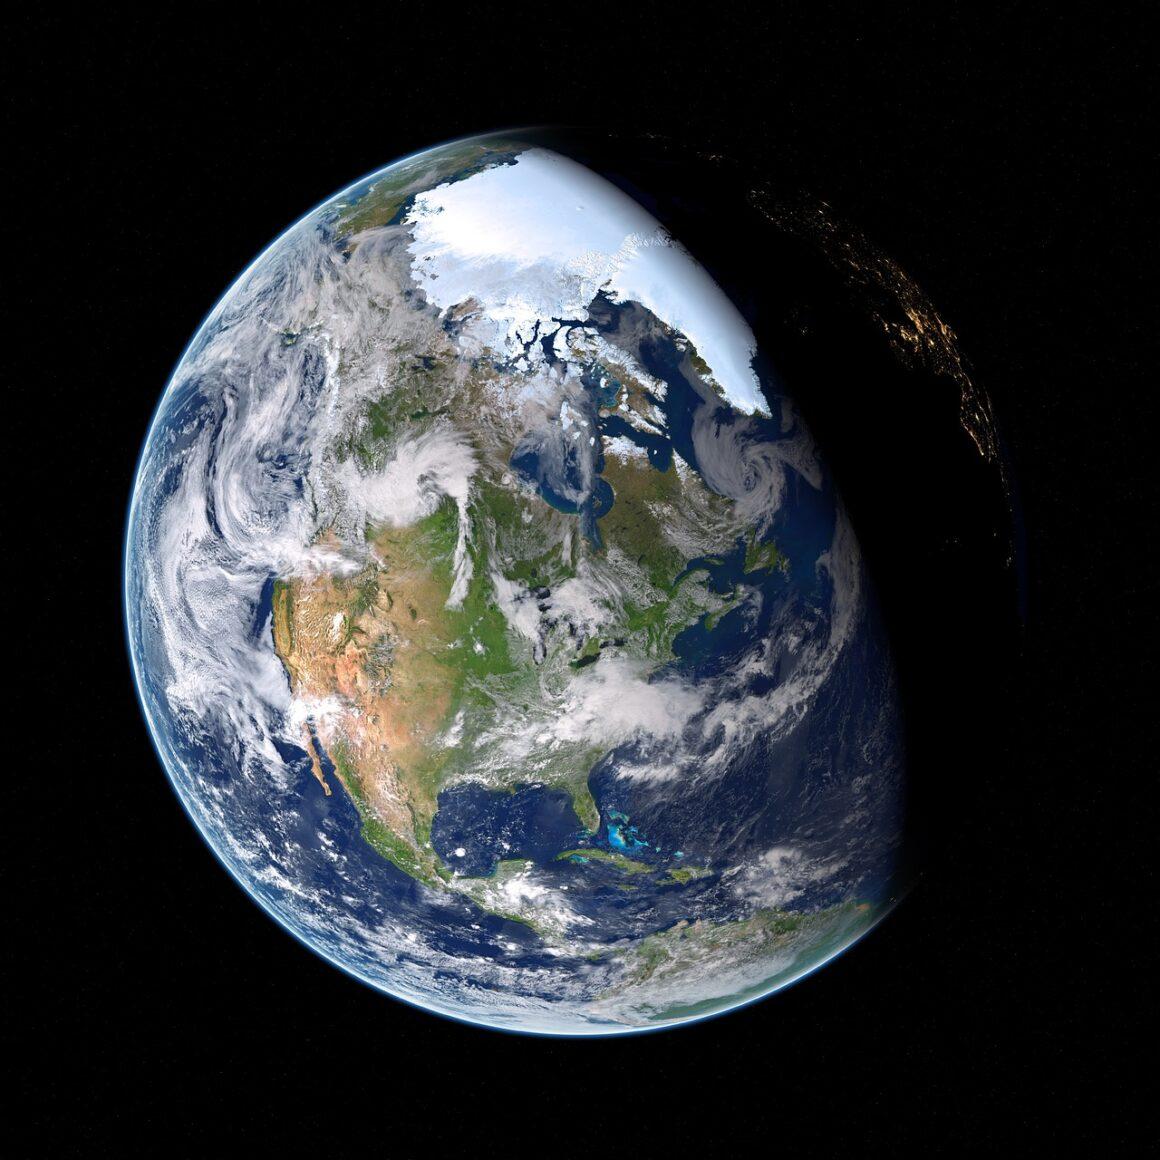 Jak możemy pomóc naszej planecie?